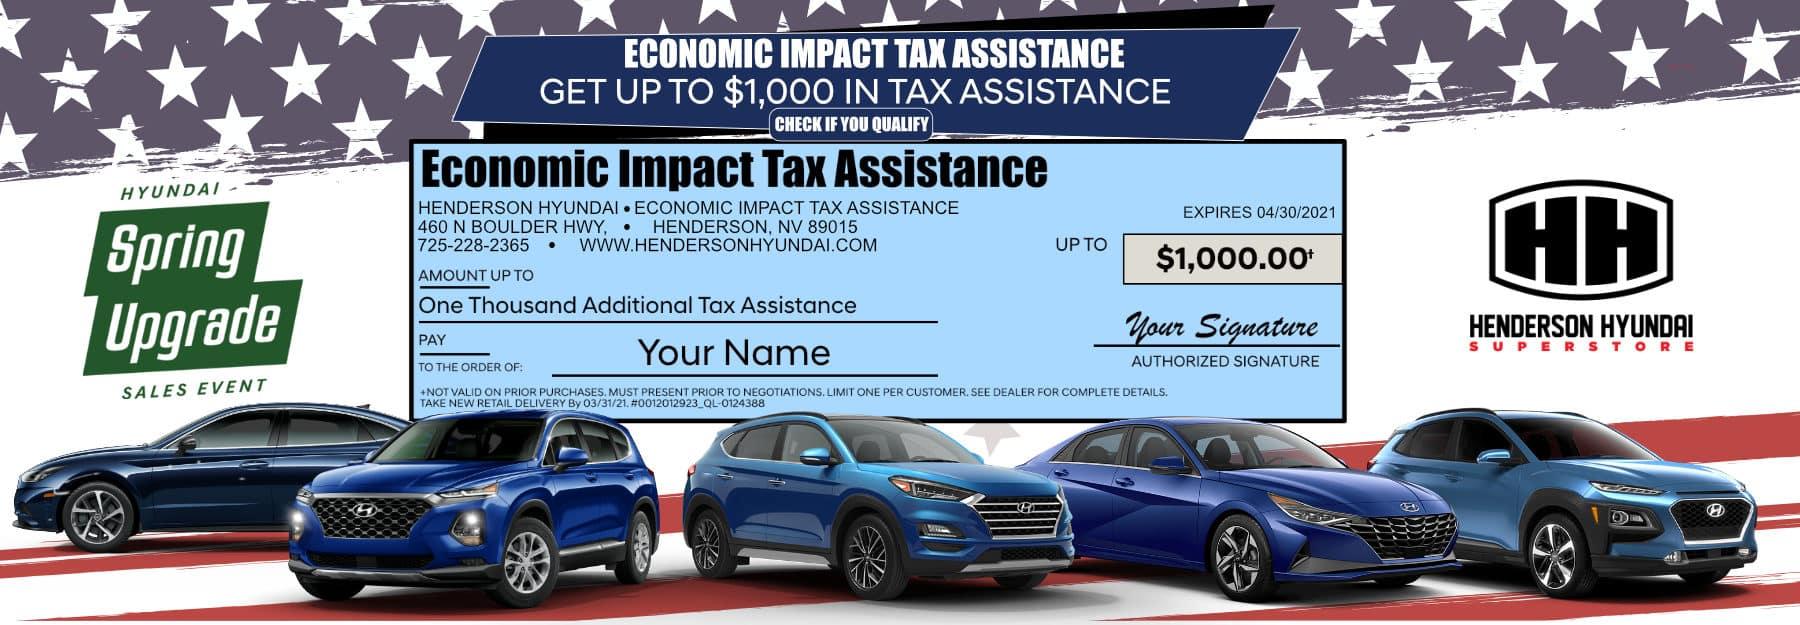 April_2021_Economic Impact Tax Assistance_HH